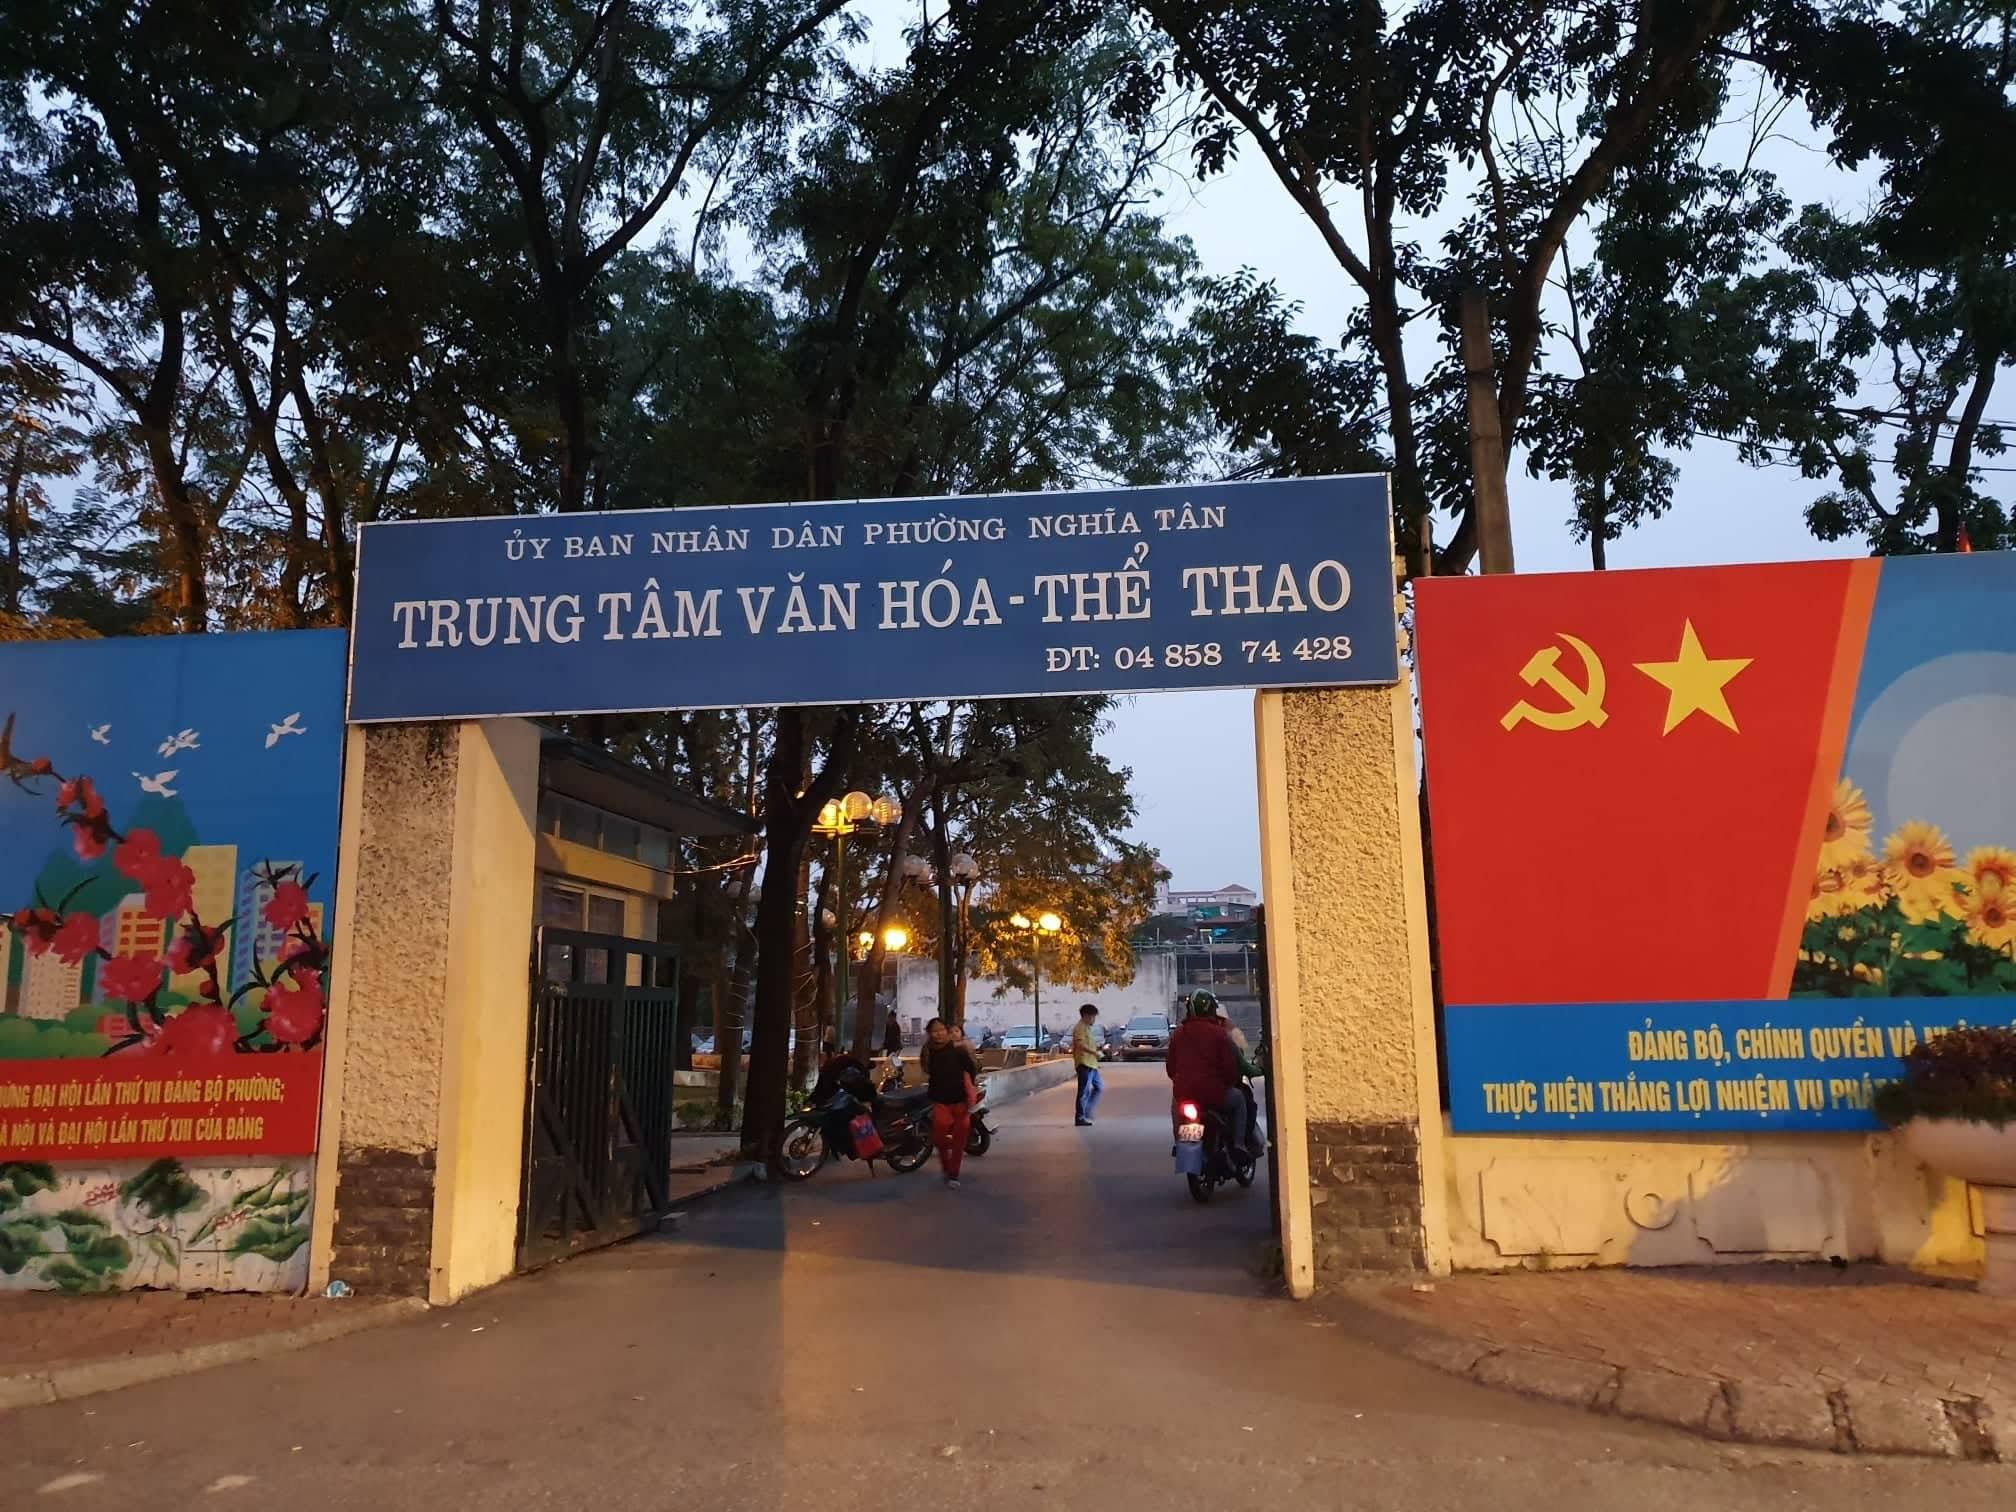 """Nghĩa Tân (Cầu Giấy, Hà Nội): """"Hô biến"""" Trung tâm văn hóa thành bãi trông giữ xe, thu lợi bất chính? - Ảnh 1"""